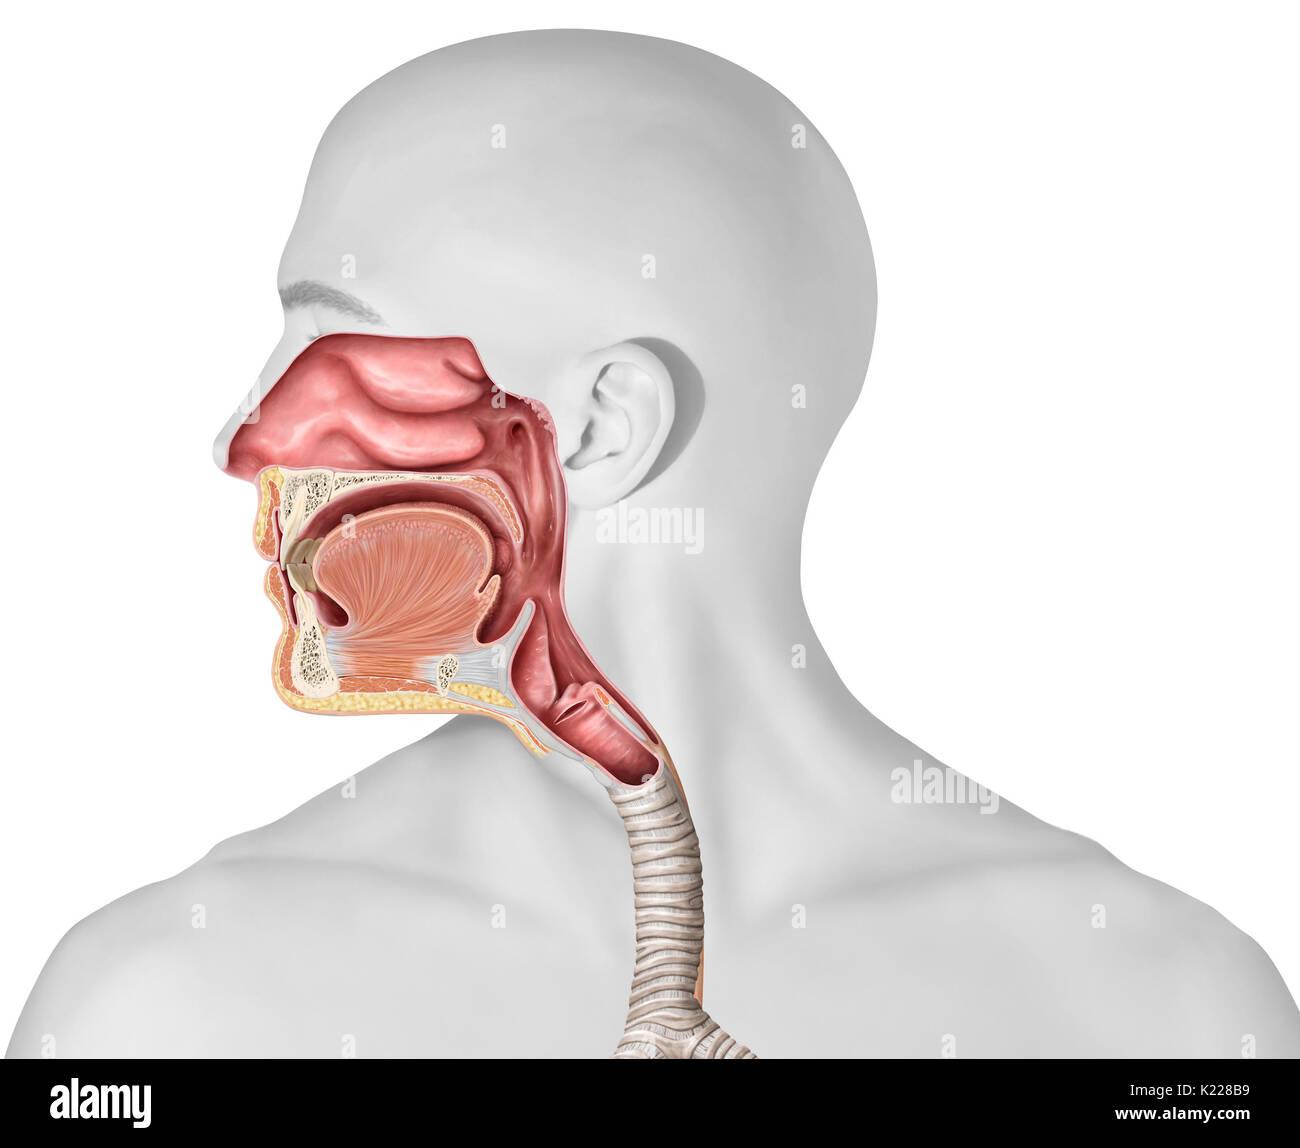 Pharynx Epiglottis Stock Photos & Pharynx Epiglottis Stock Images ...